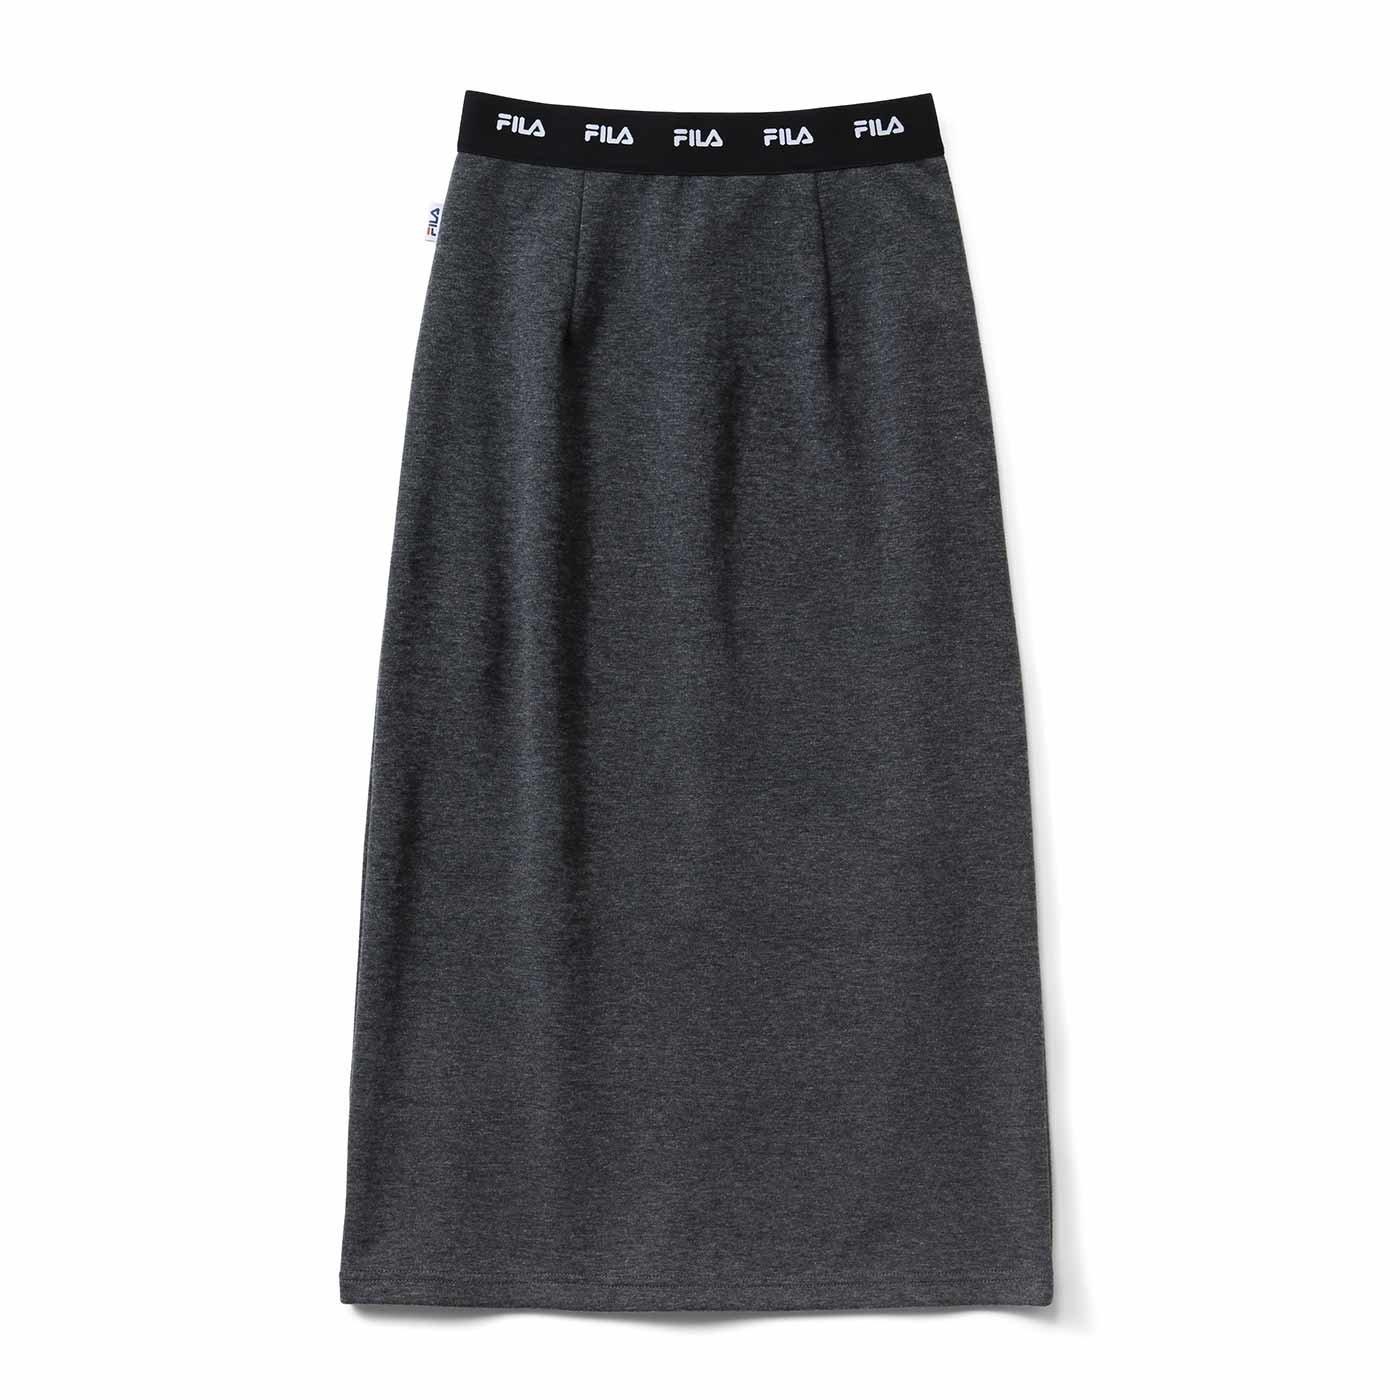 【3~10日でお届け】IEDIT[イディット] FILA別注 きれいめスウェットⅠラインスカート〈チャコール杢(もく)グレー〉